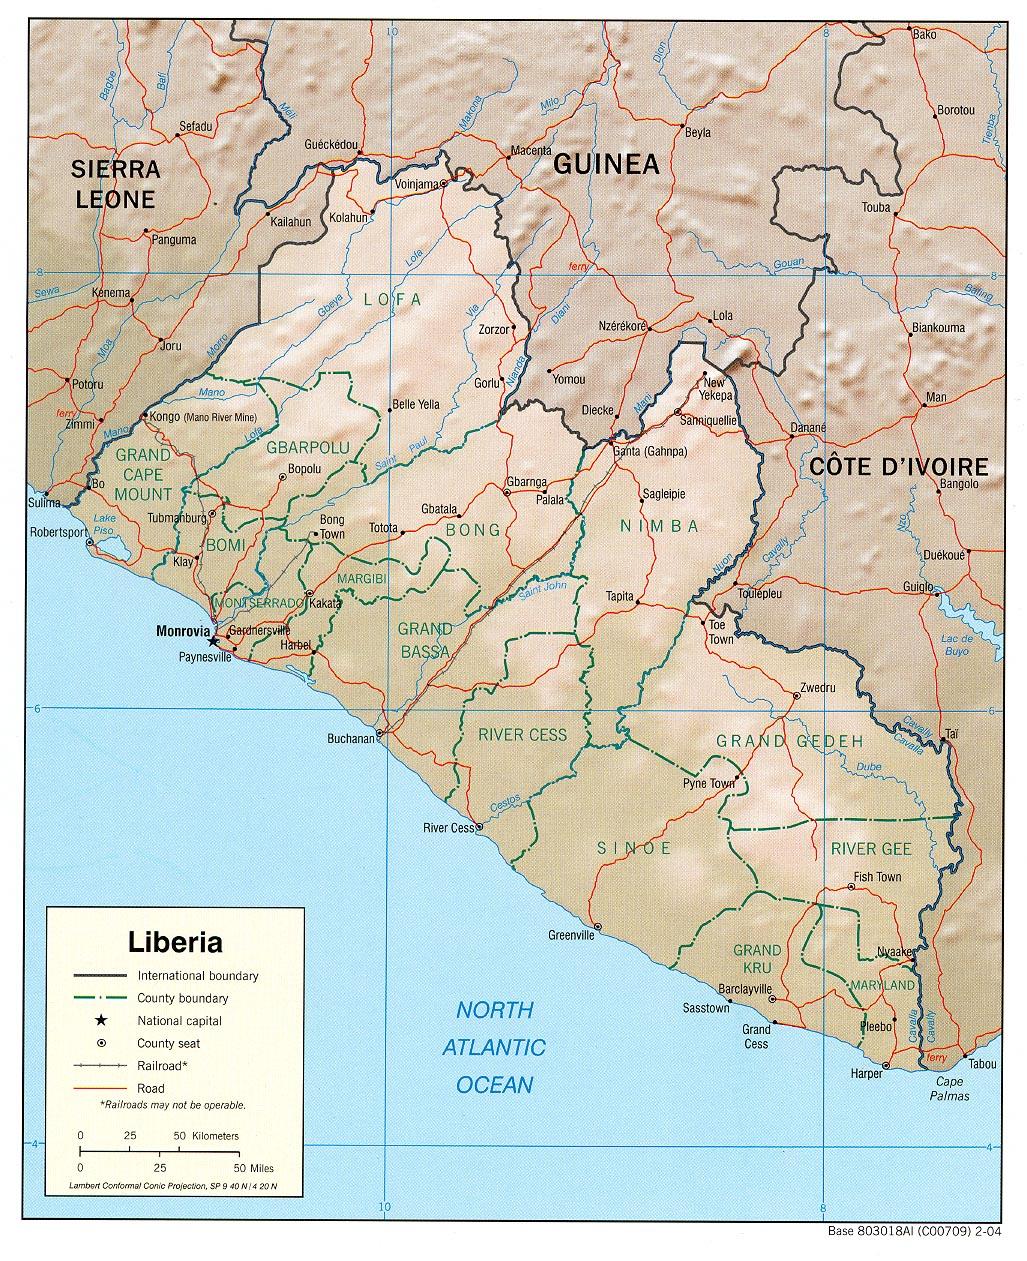 Mapa de Relieve Sombreado de Liberia